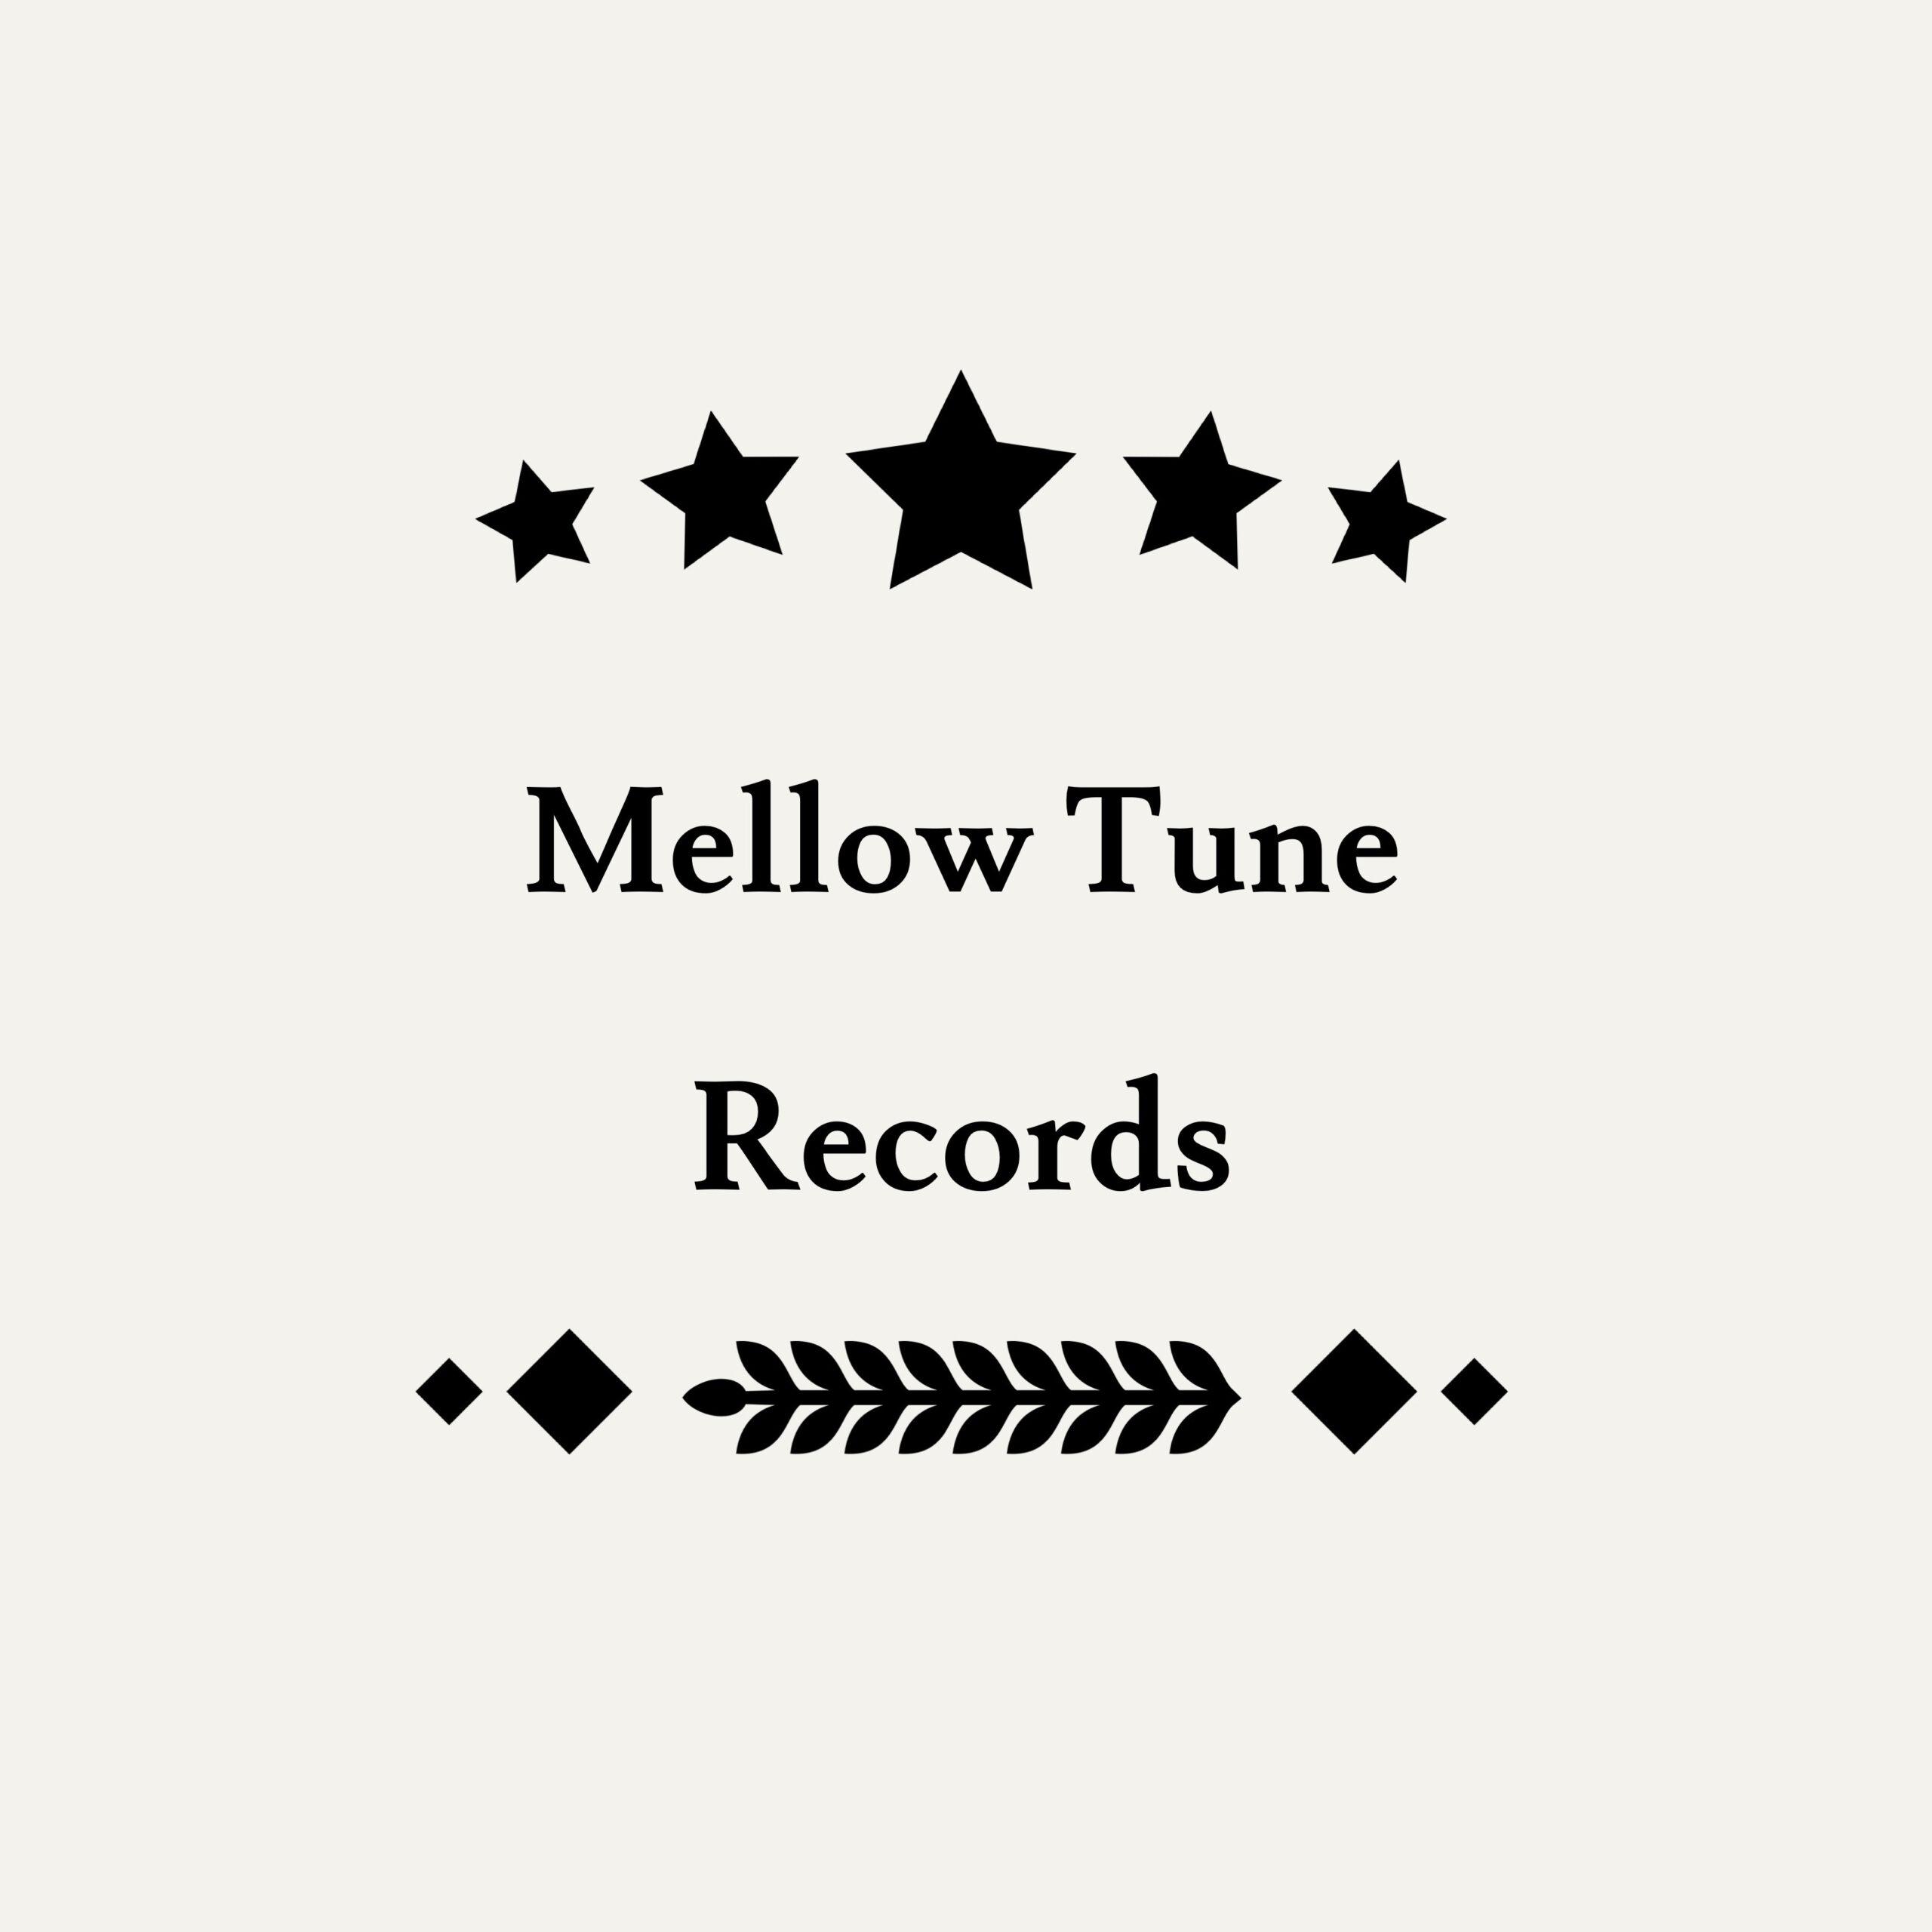 Mellow Tune Records logo